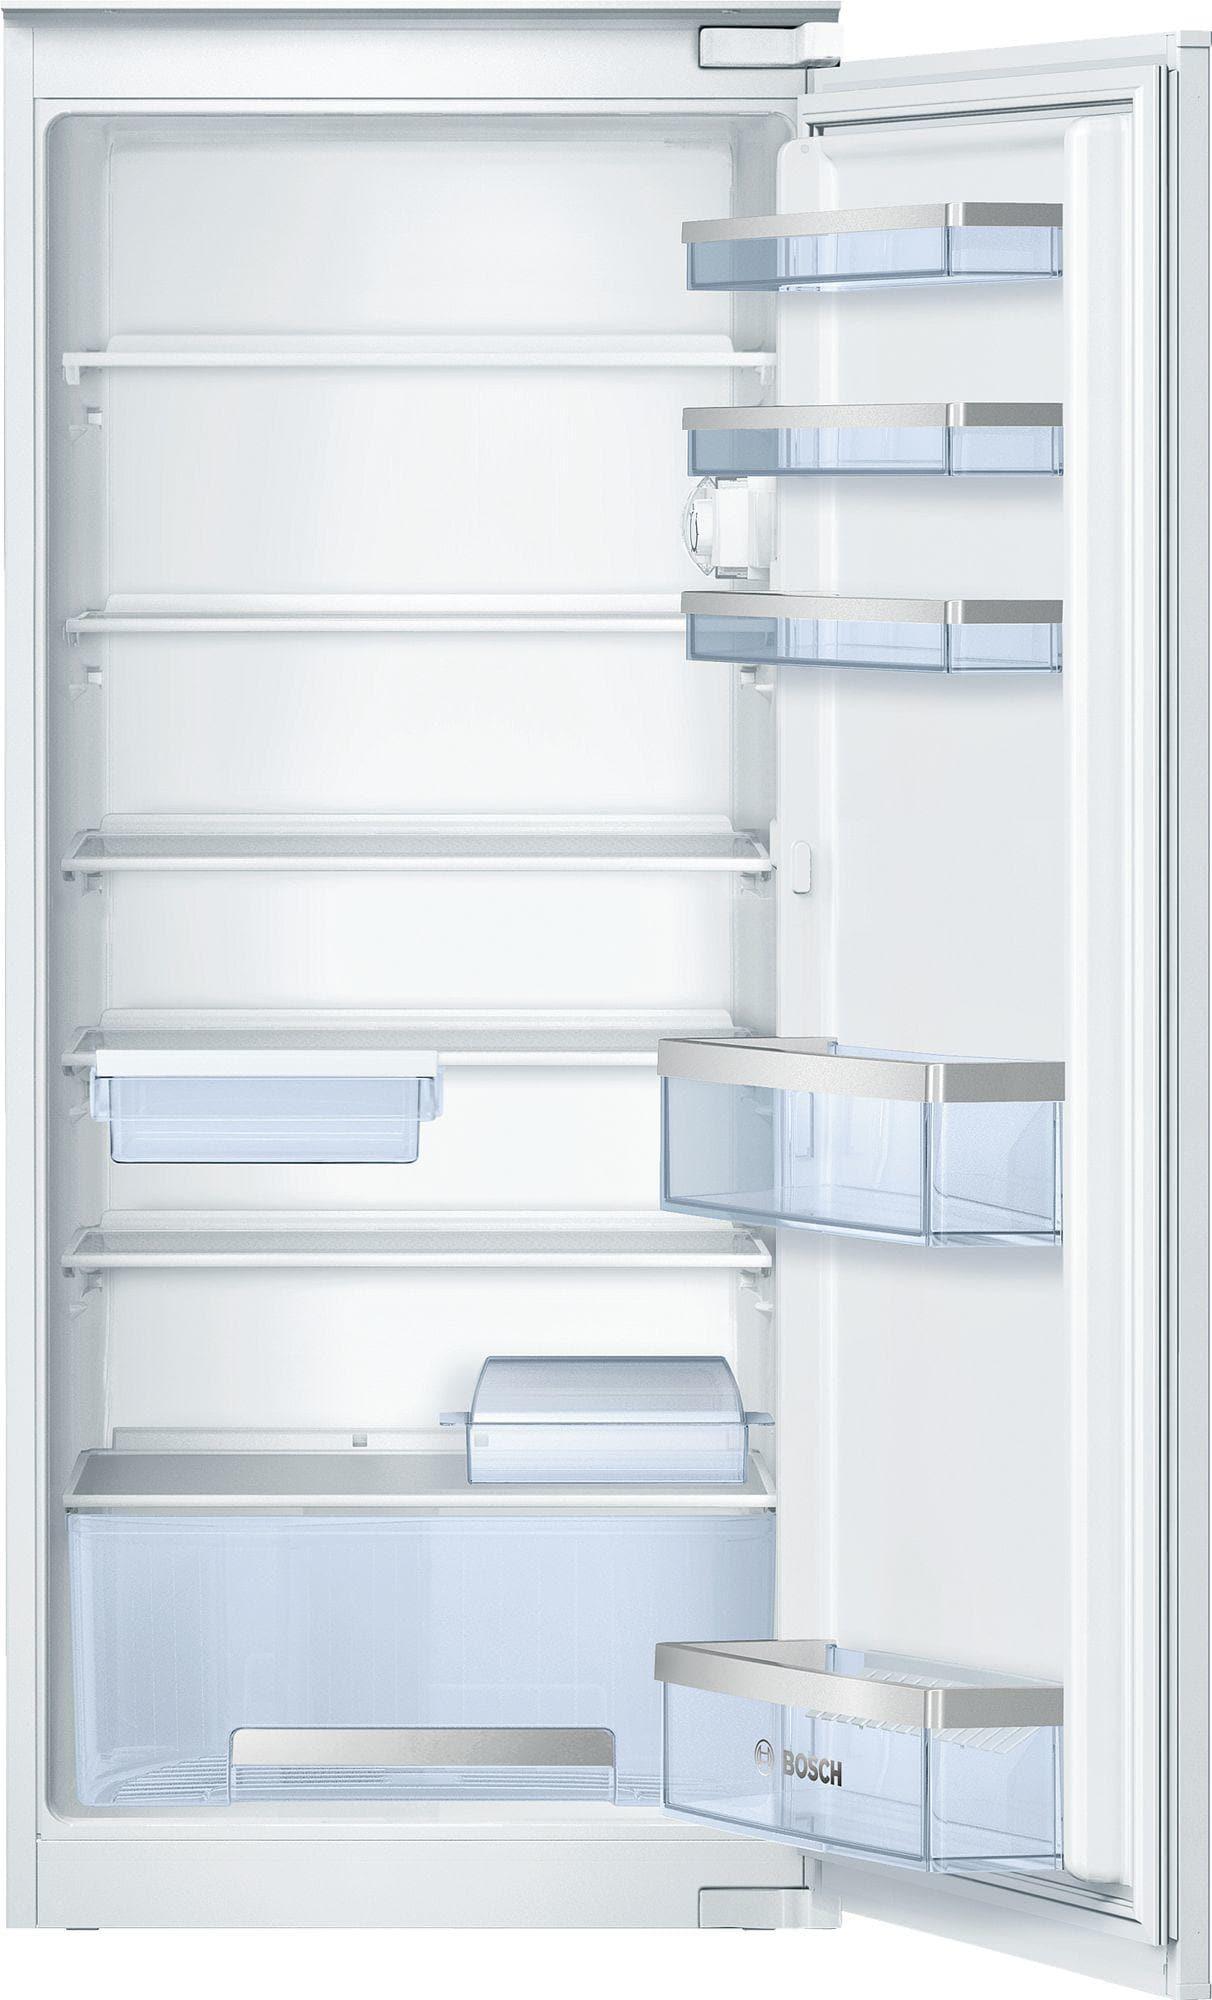 bosch kir24x30 a integrierbarer k hlschrank 54 cm breit 221 liter schleppt rtechnik von. Black Bedroom Furniture Sets. Home Design Ideas